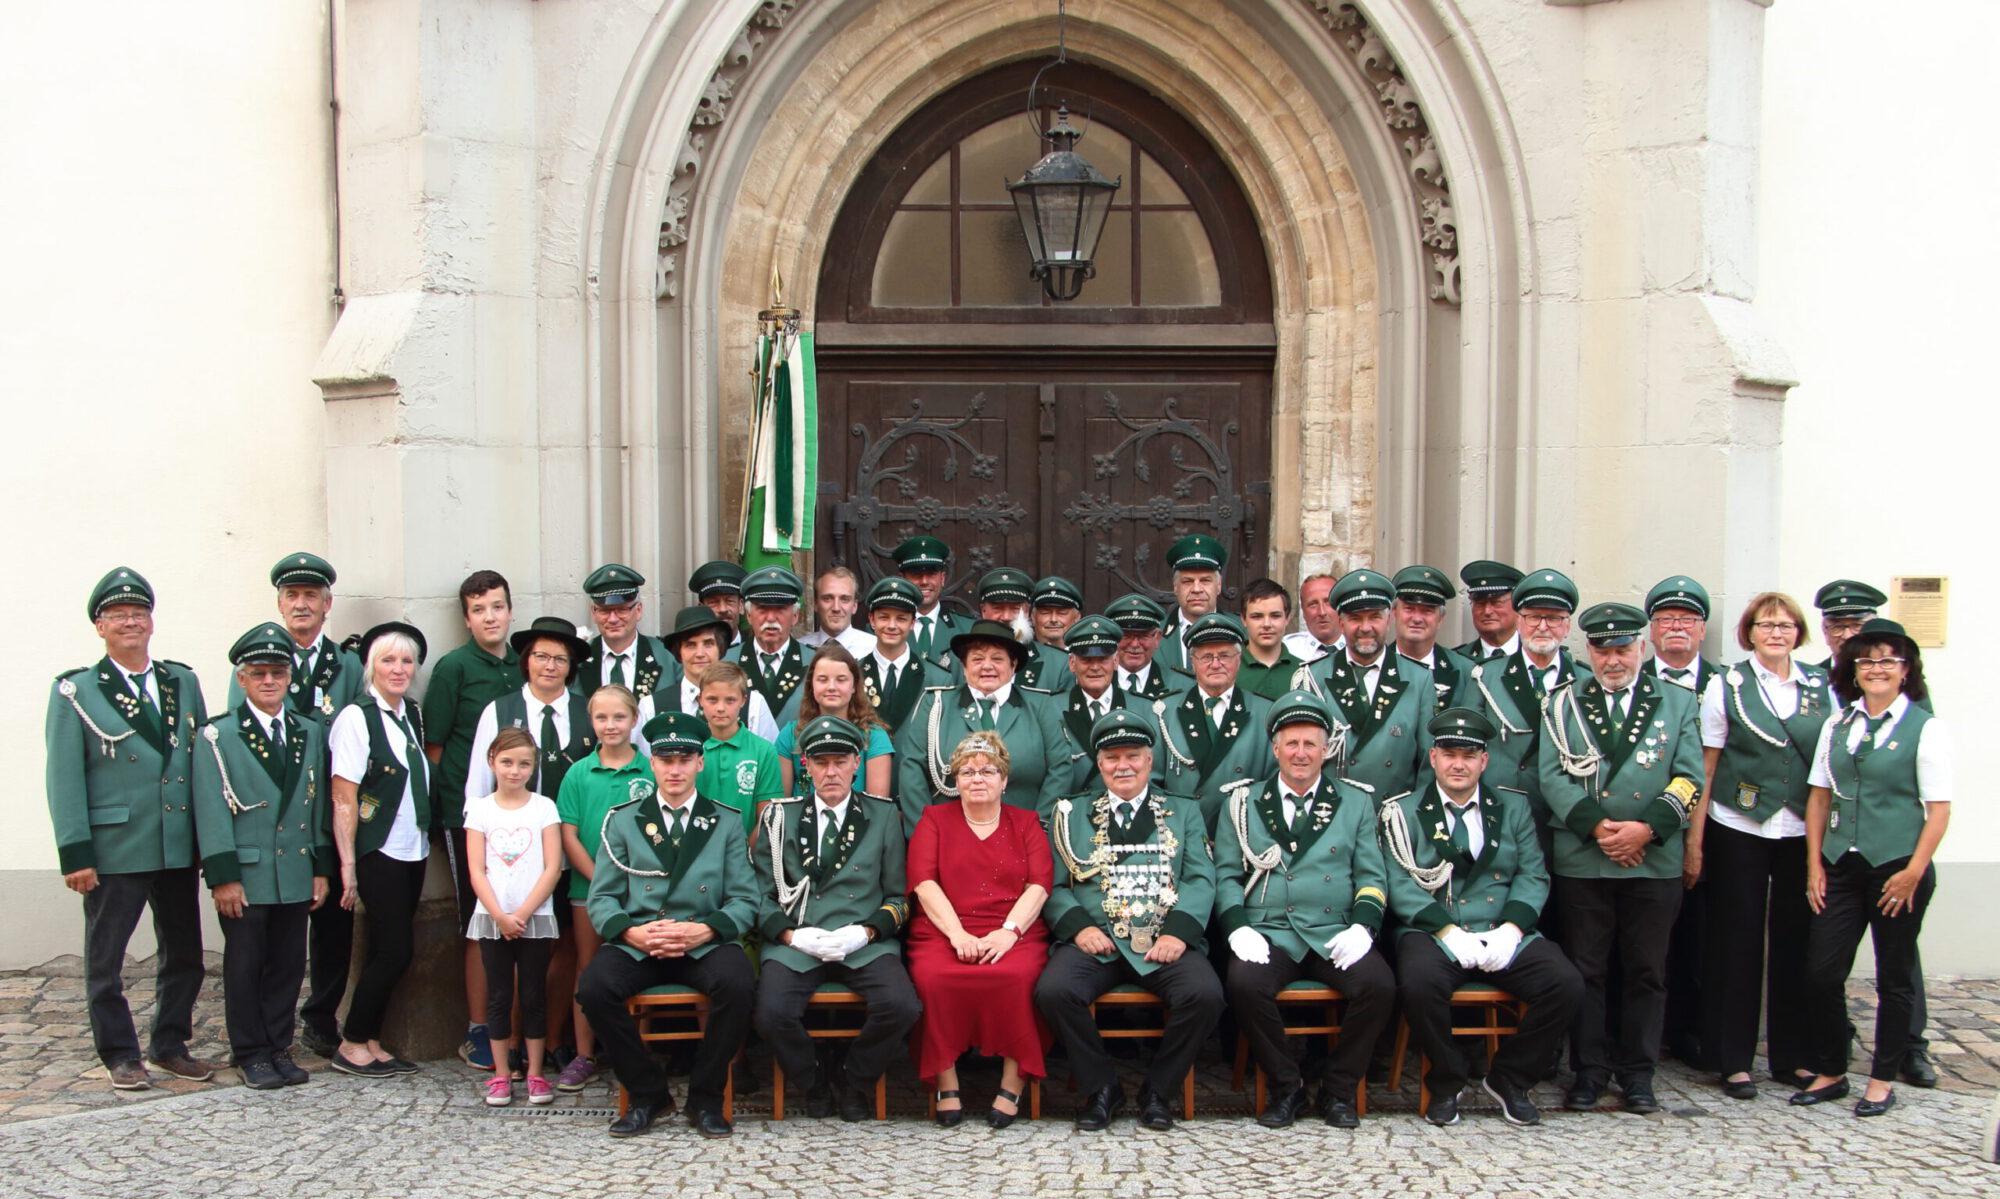 Allgemeiner Schützenverein zu Pegau 1444 / 1990 e.V.